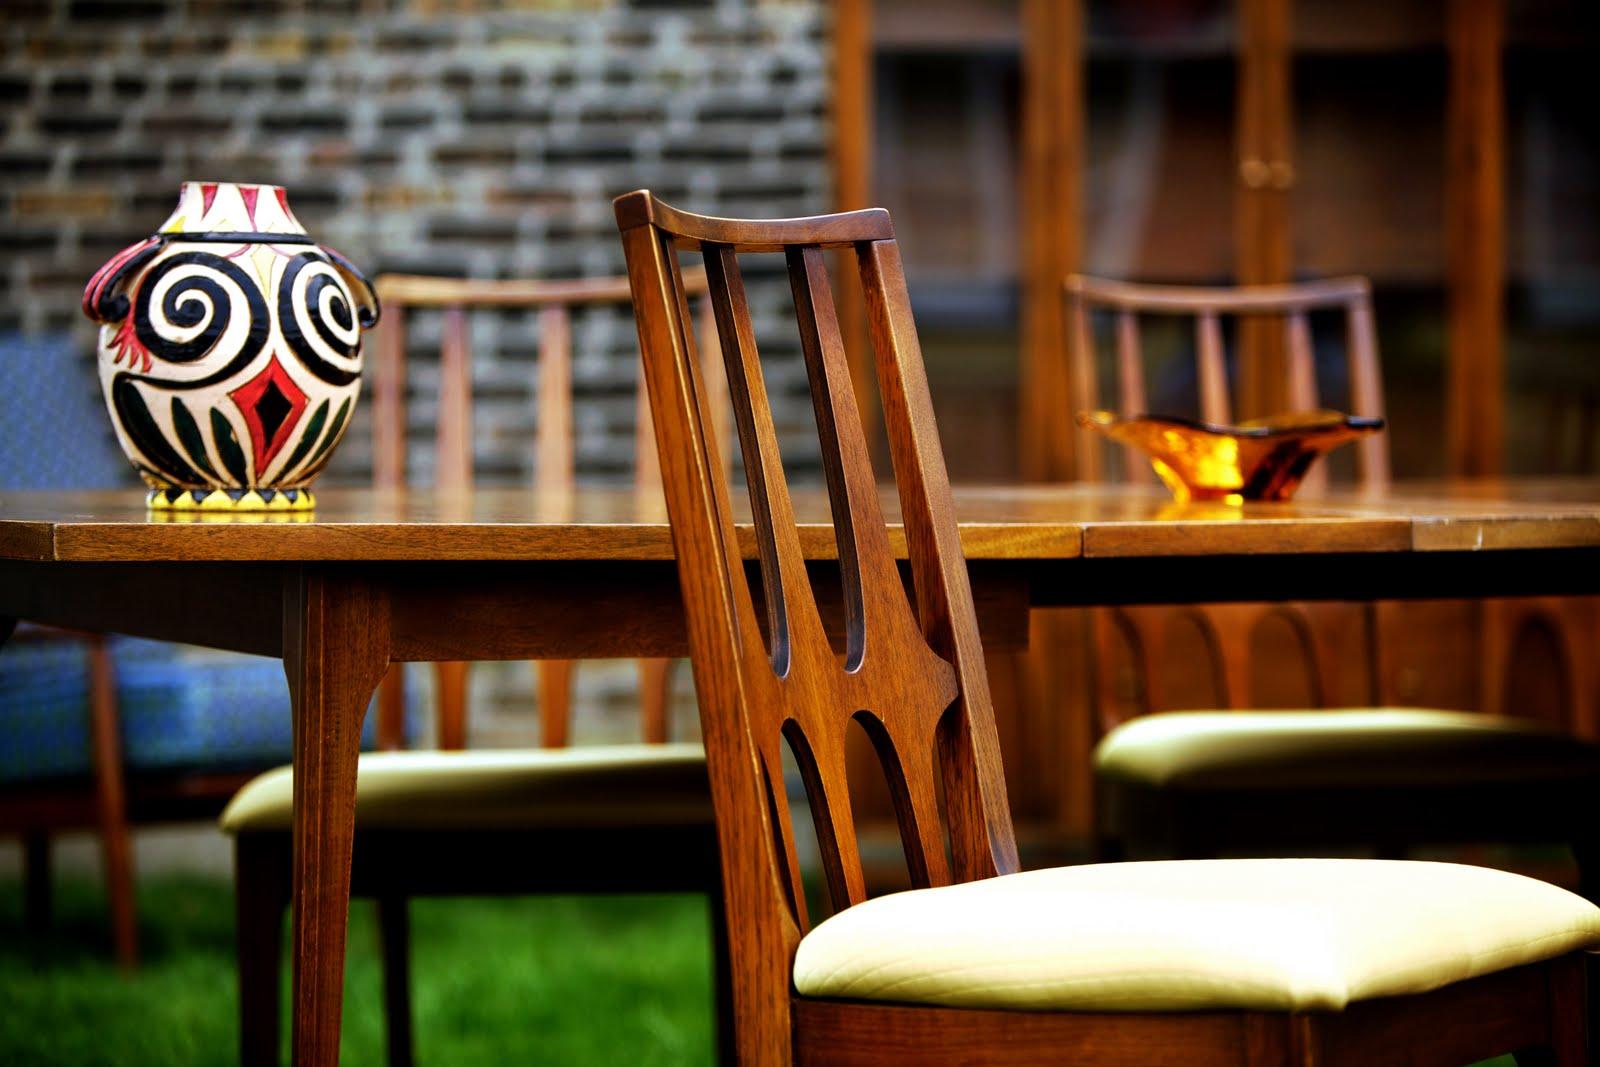 Remarkable Broyhill Brasilia Dining Room Table 1600 x 1067 · 162 kB · jpeg